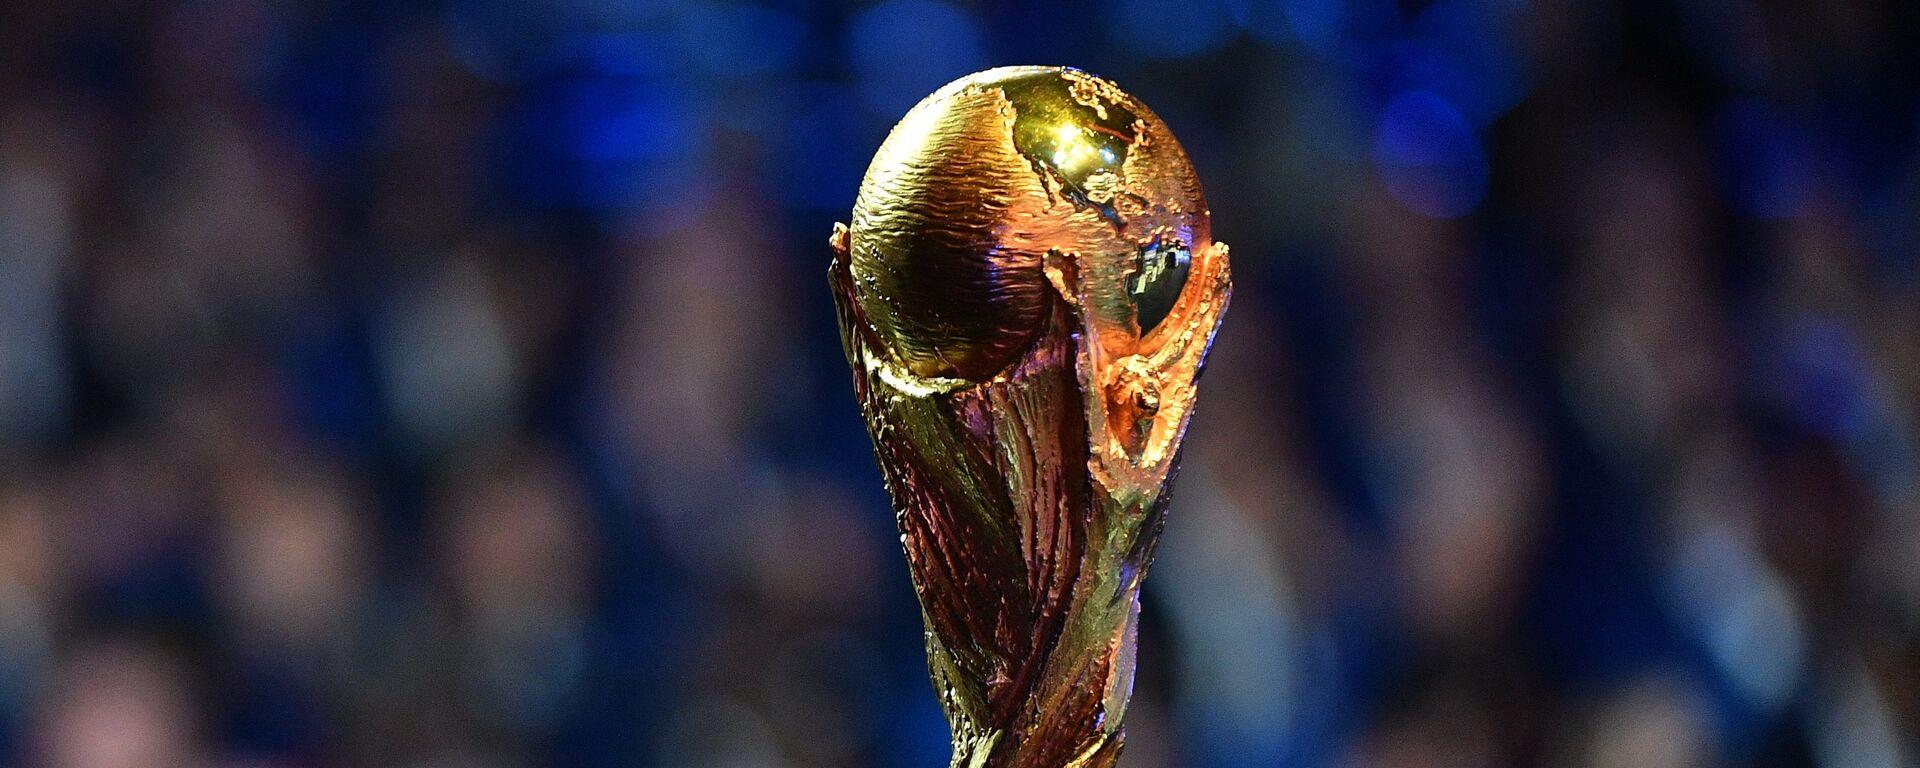 Το τρόπαιο του Παγκοσμίου Κυπέλλου - Sputnik Ελλάδα, 1920, 12.07.2021